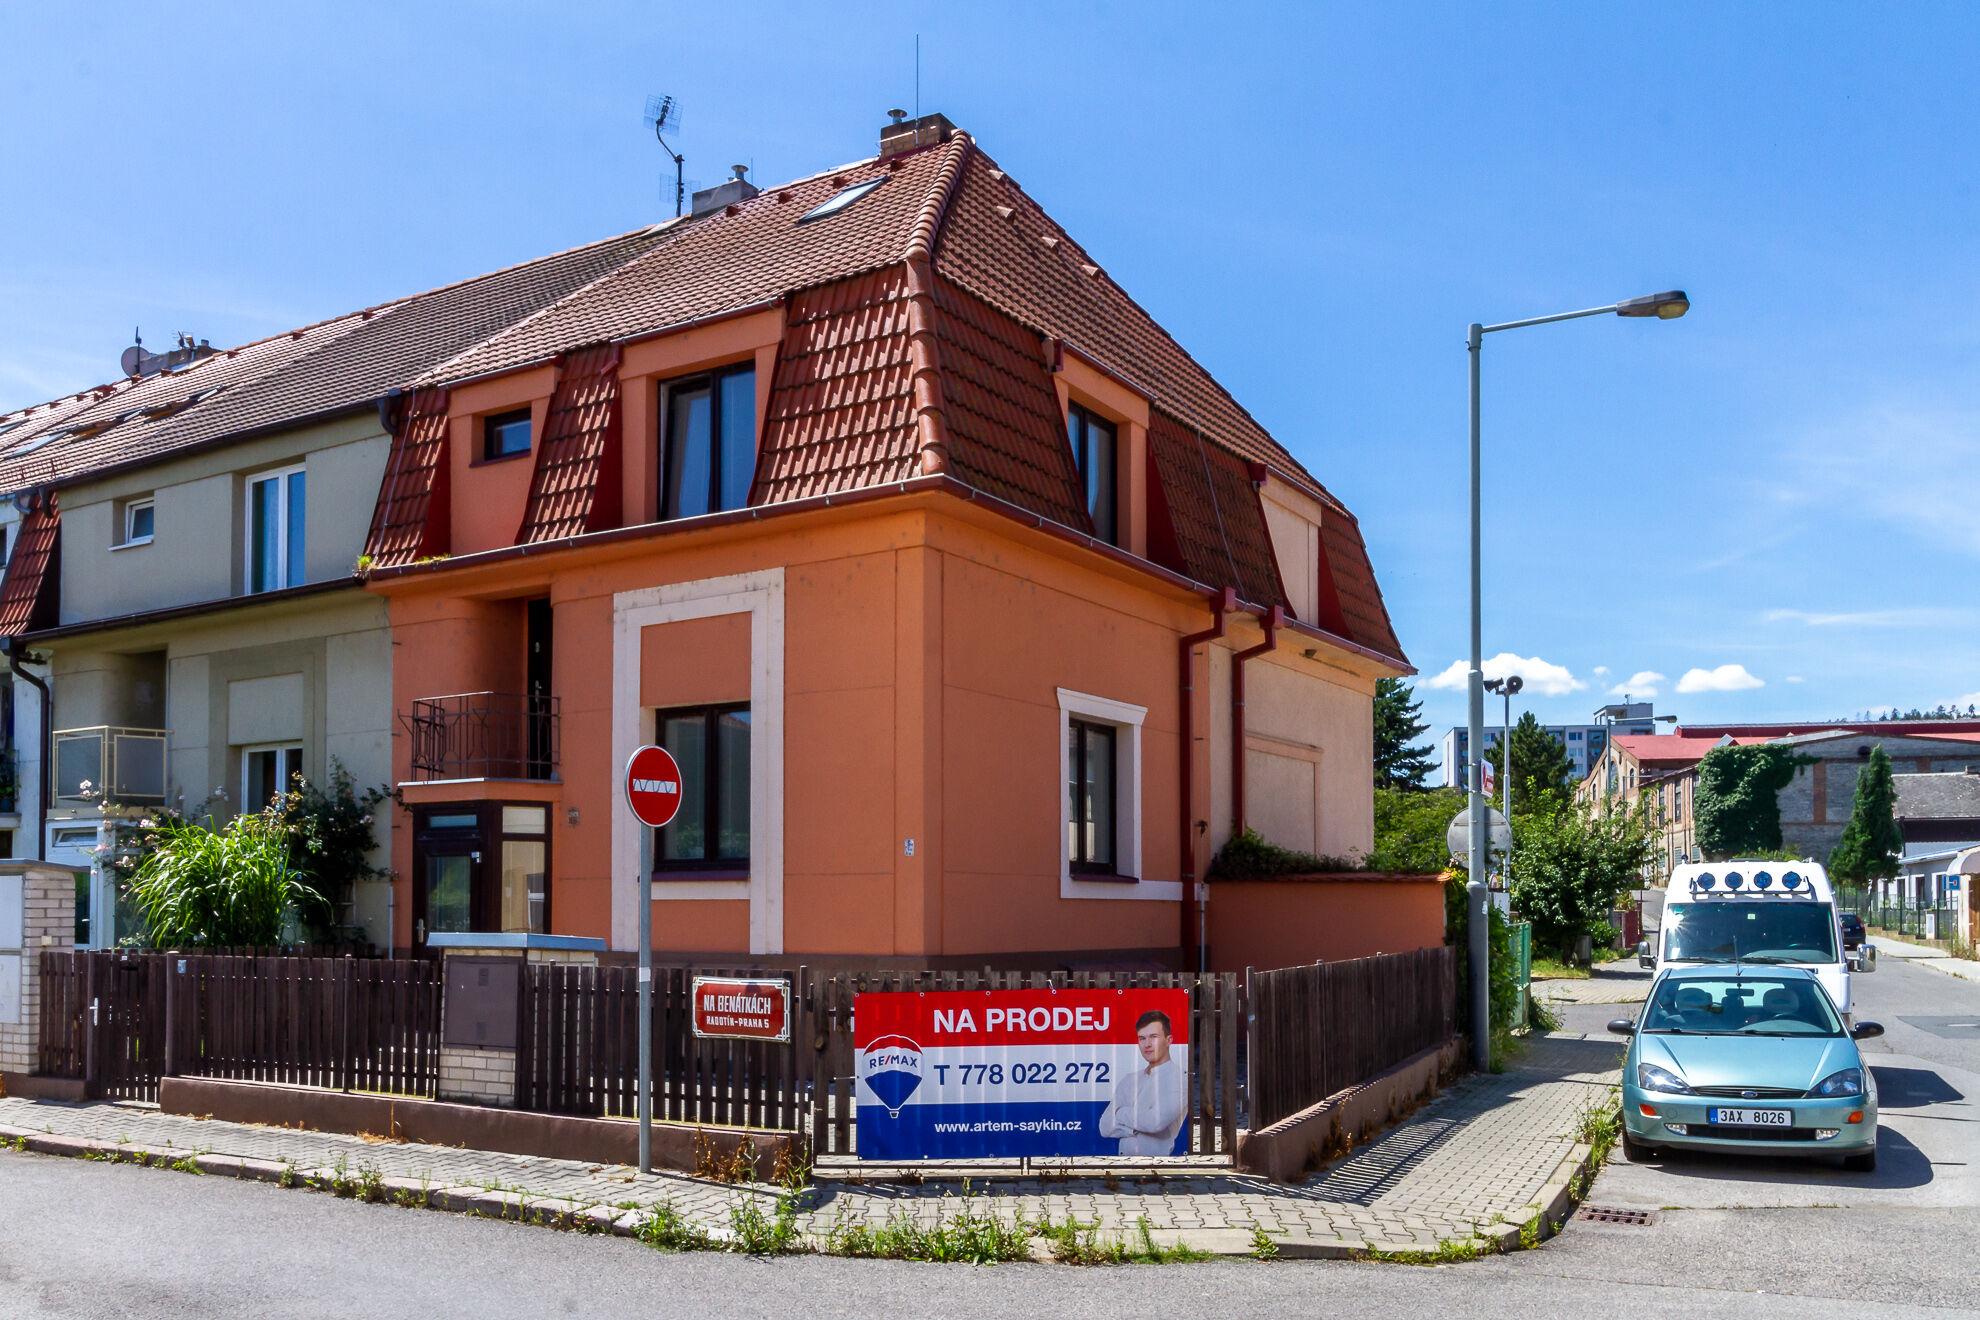 Prodej domu 112 m2, Praha - Radotín